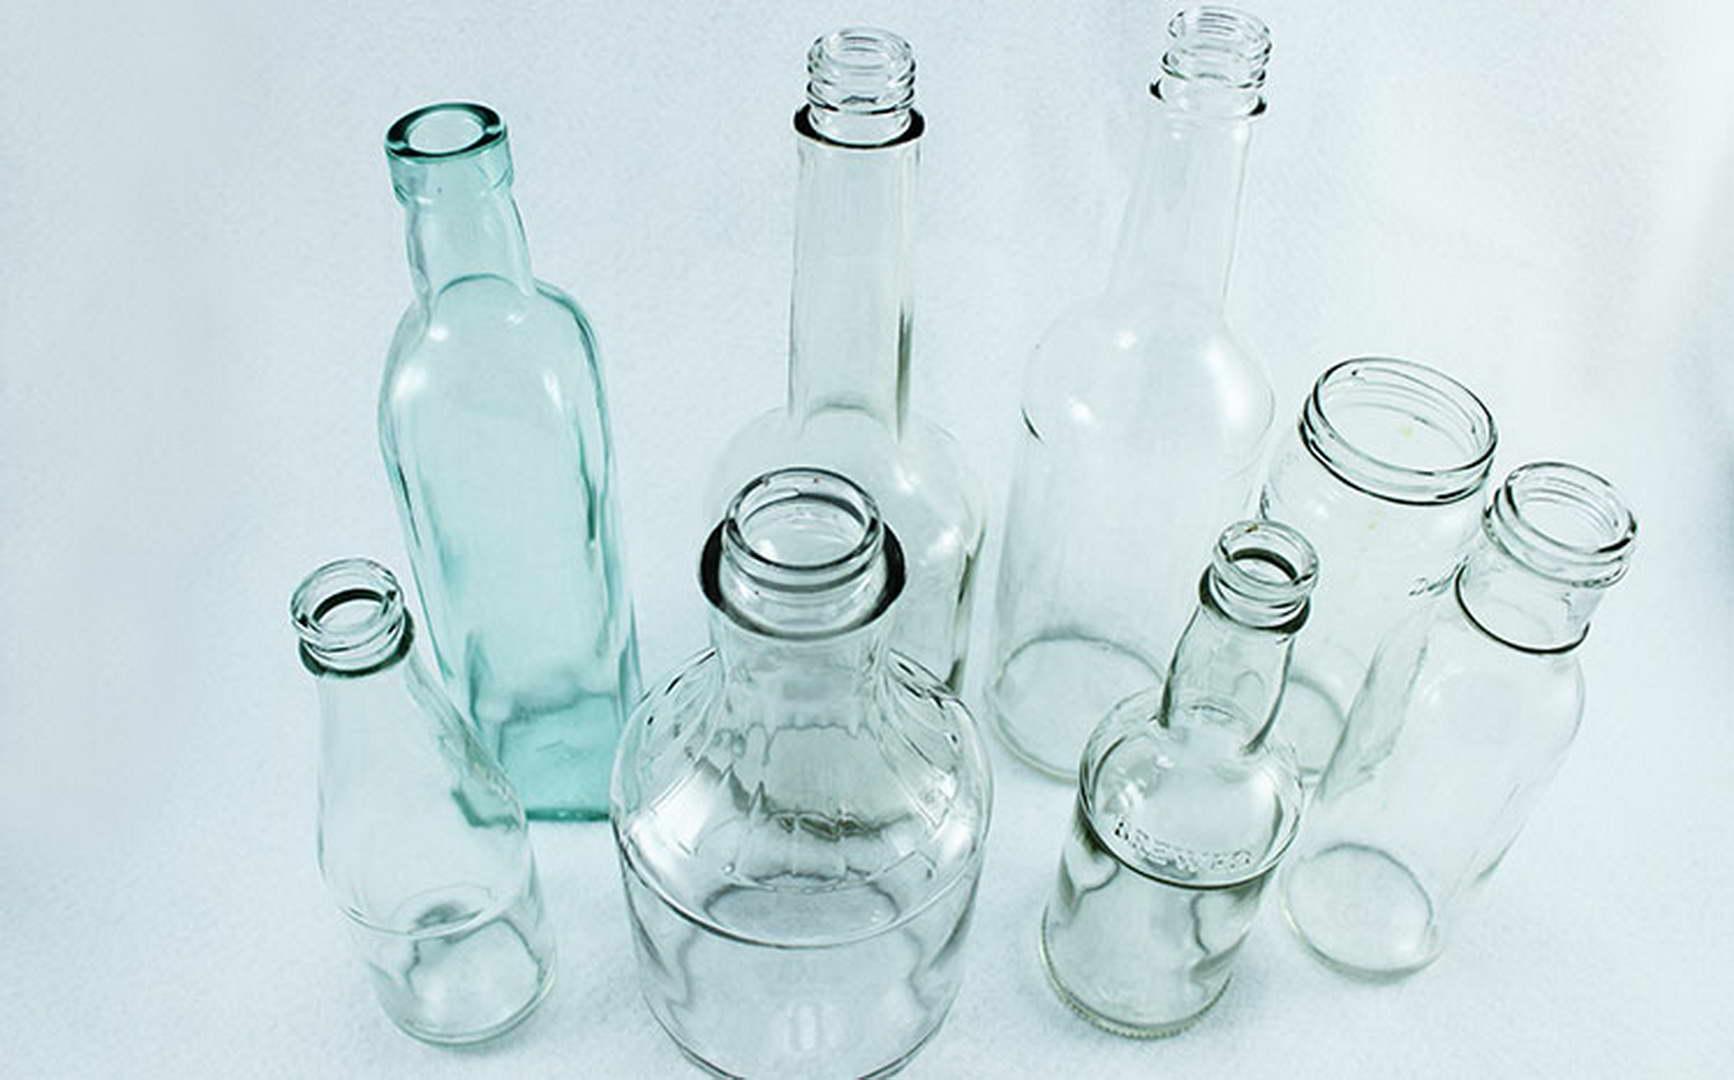 színes festett üveg váza elkészítése